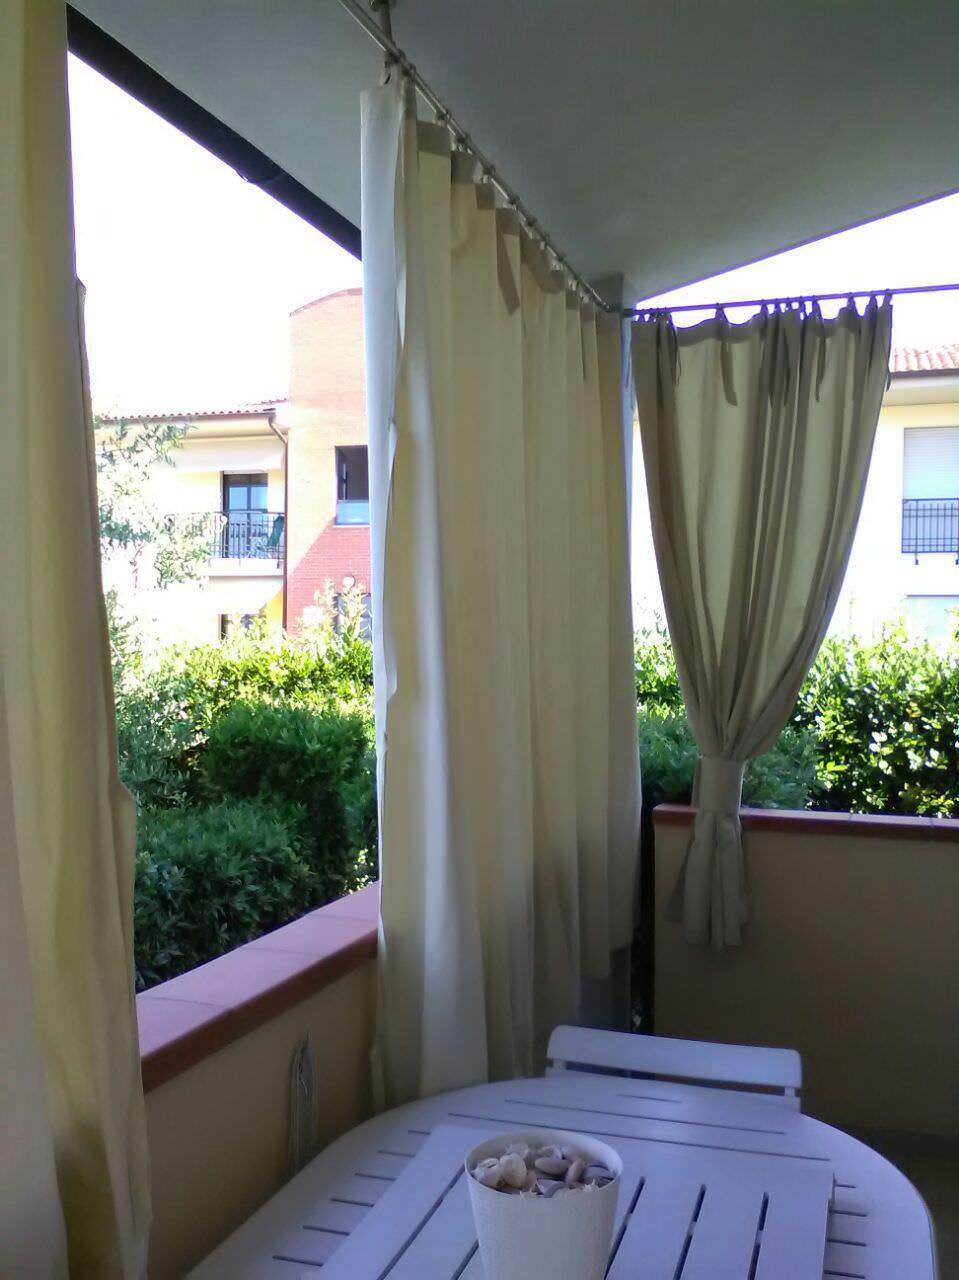 Balcone piccolo, oasi di relax. Come arredarlo? 4 balconi di città